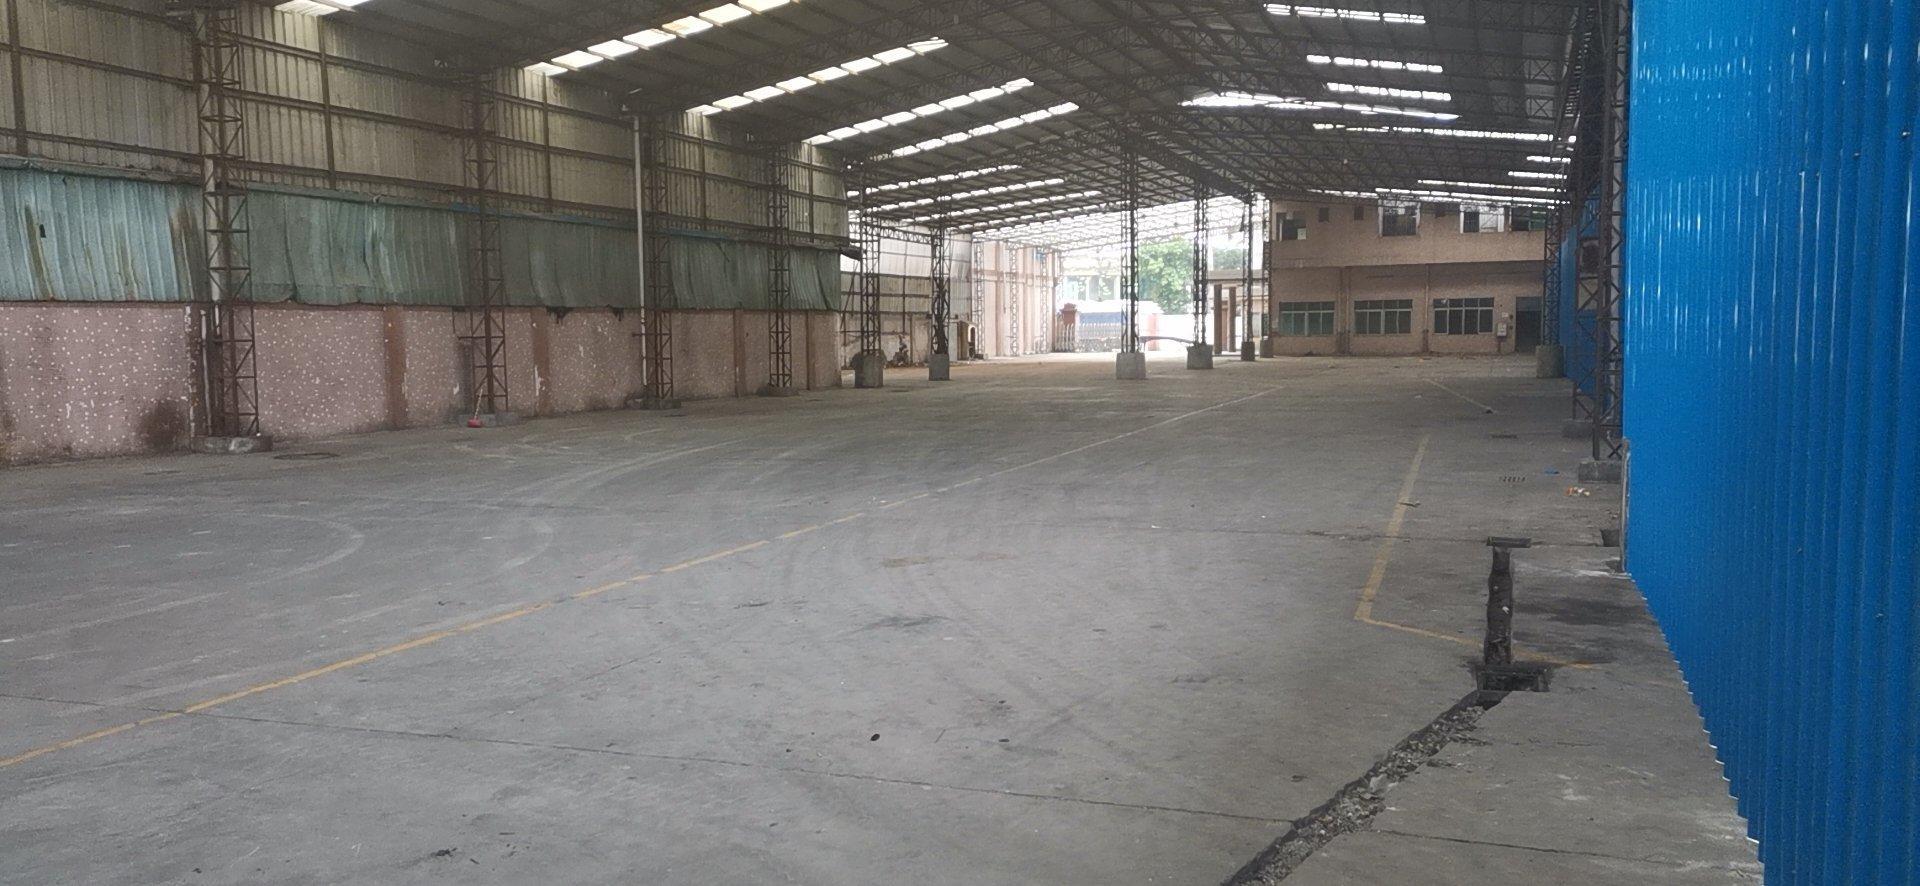 茶山镇塘环岭工业区附近仓库出租